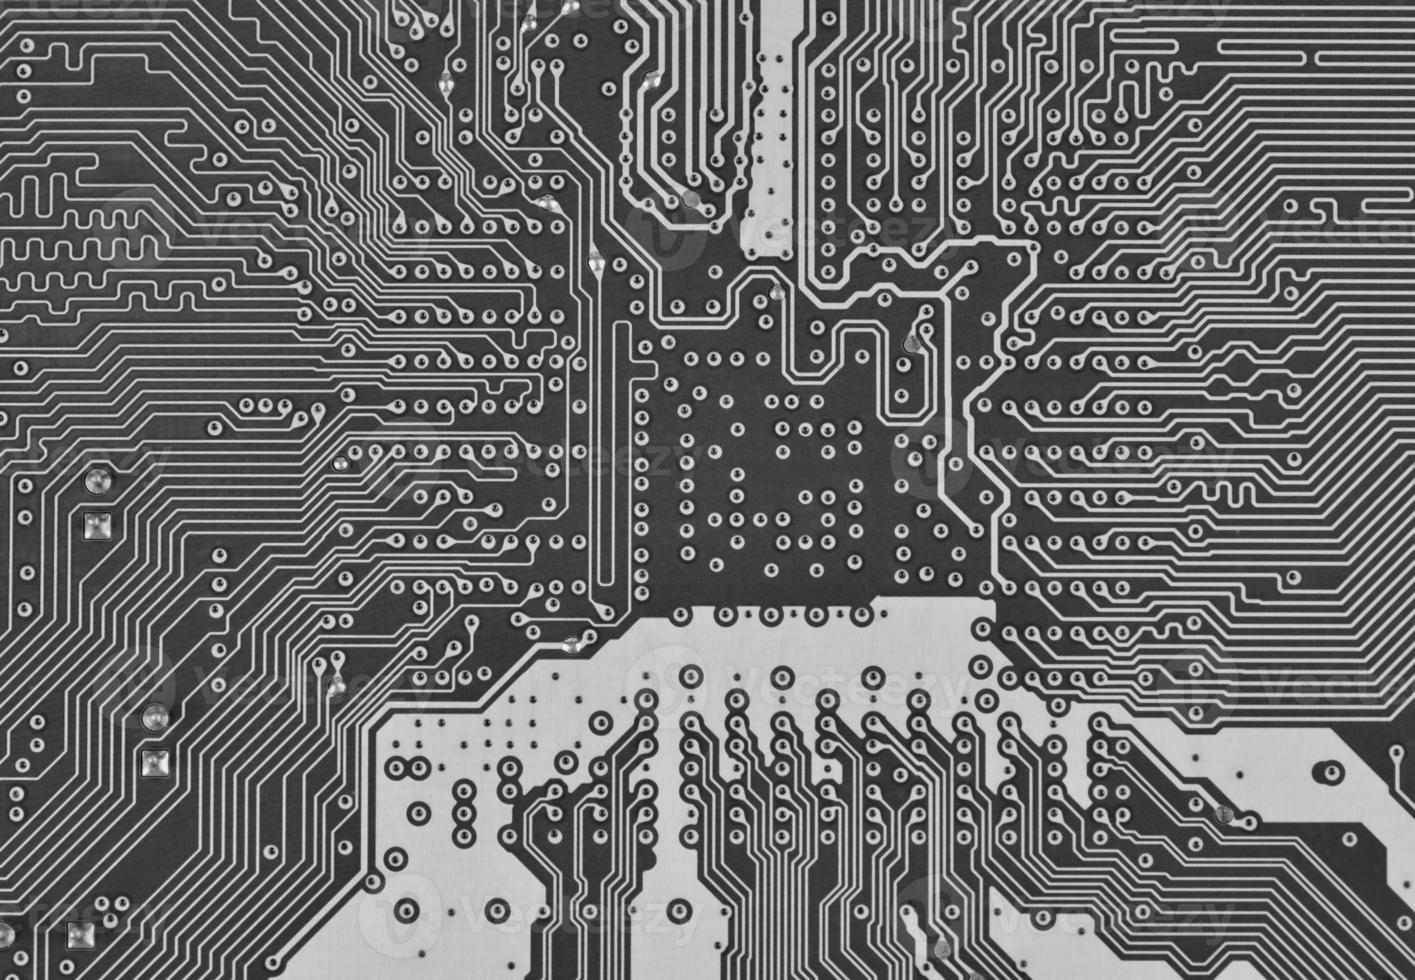 elektronische printplaat als een abstract achtergrondpatroon foto